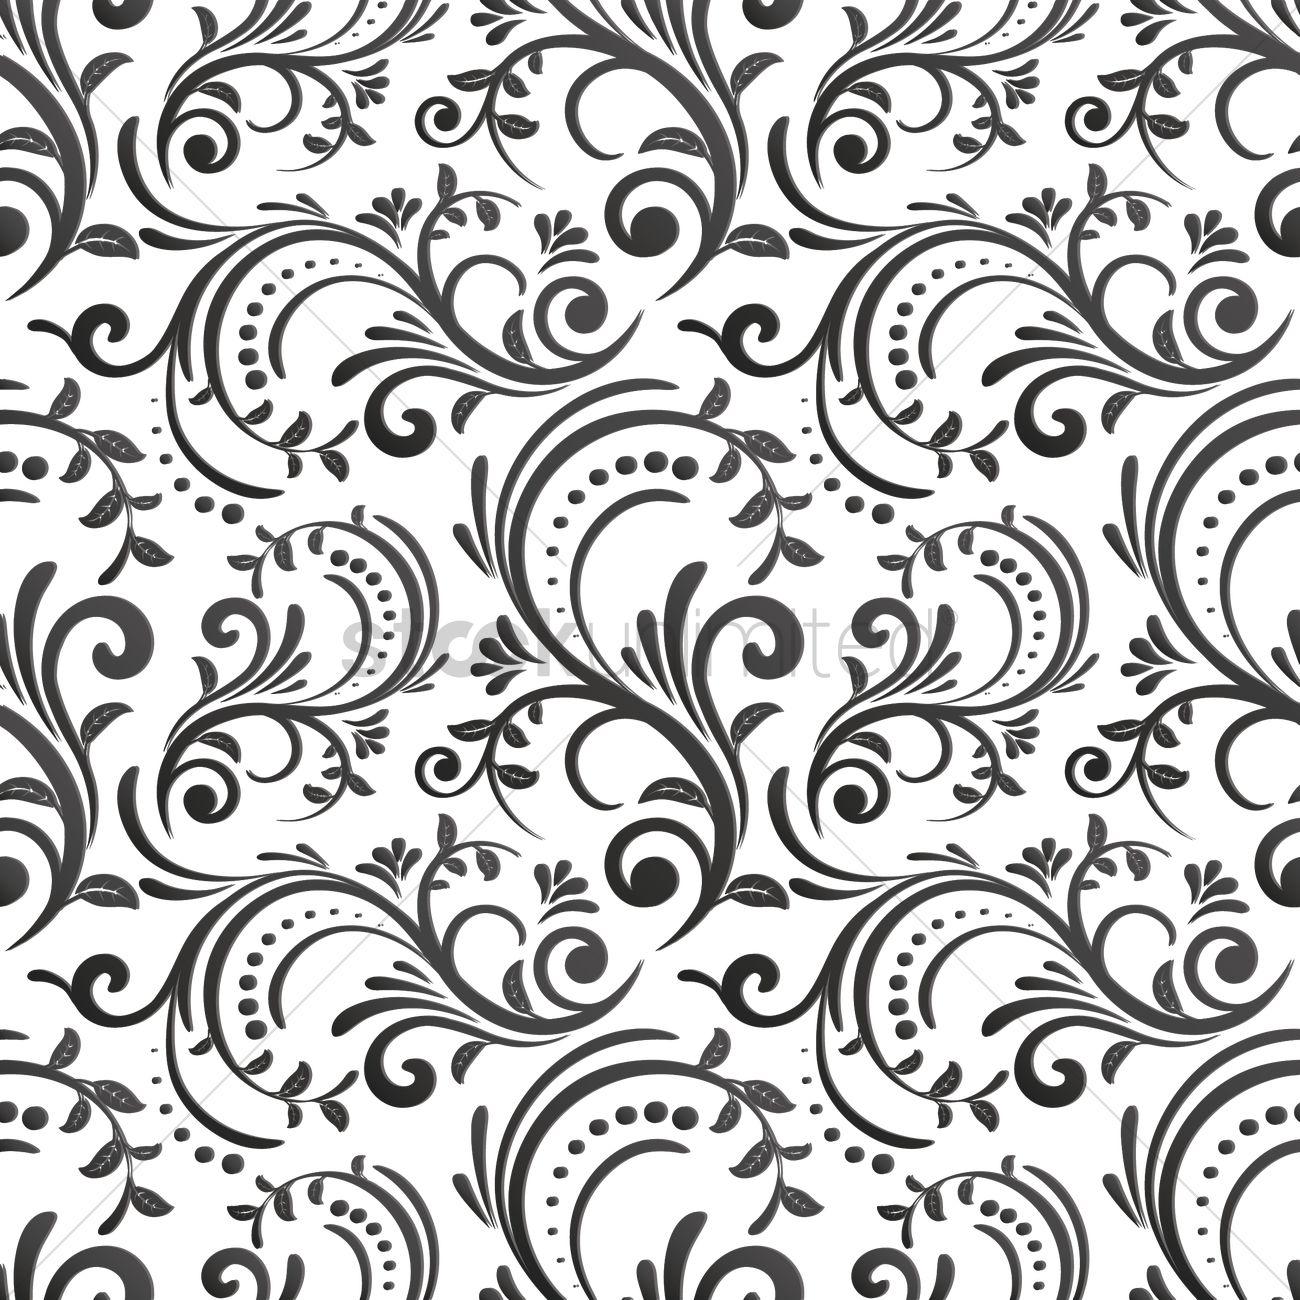 Floral Background Design Vector Image 1969757 Stockunlimited